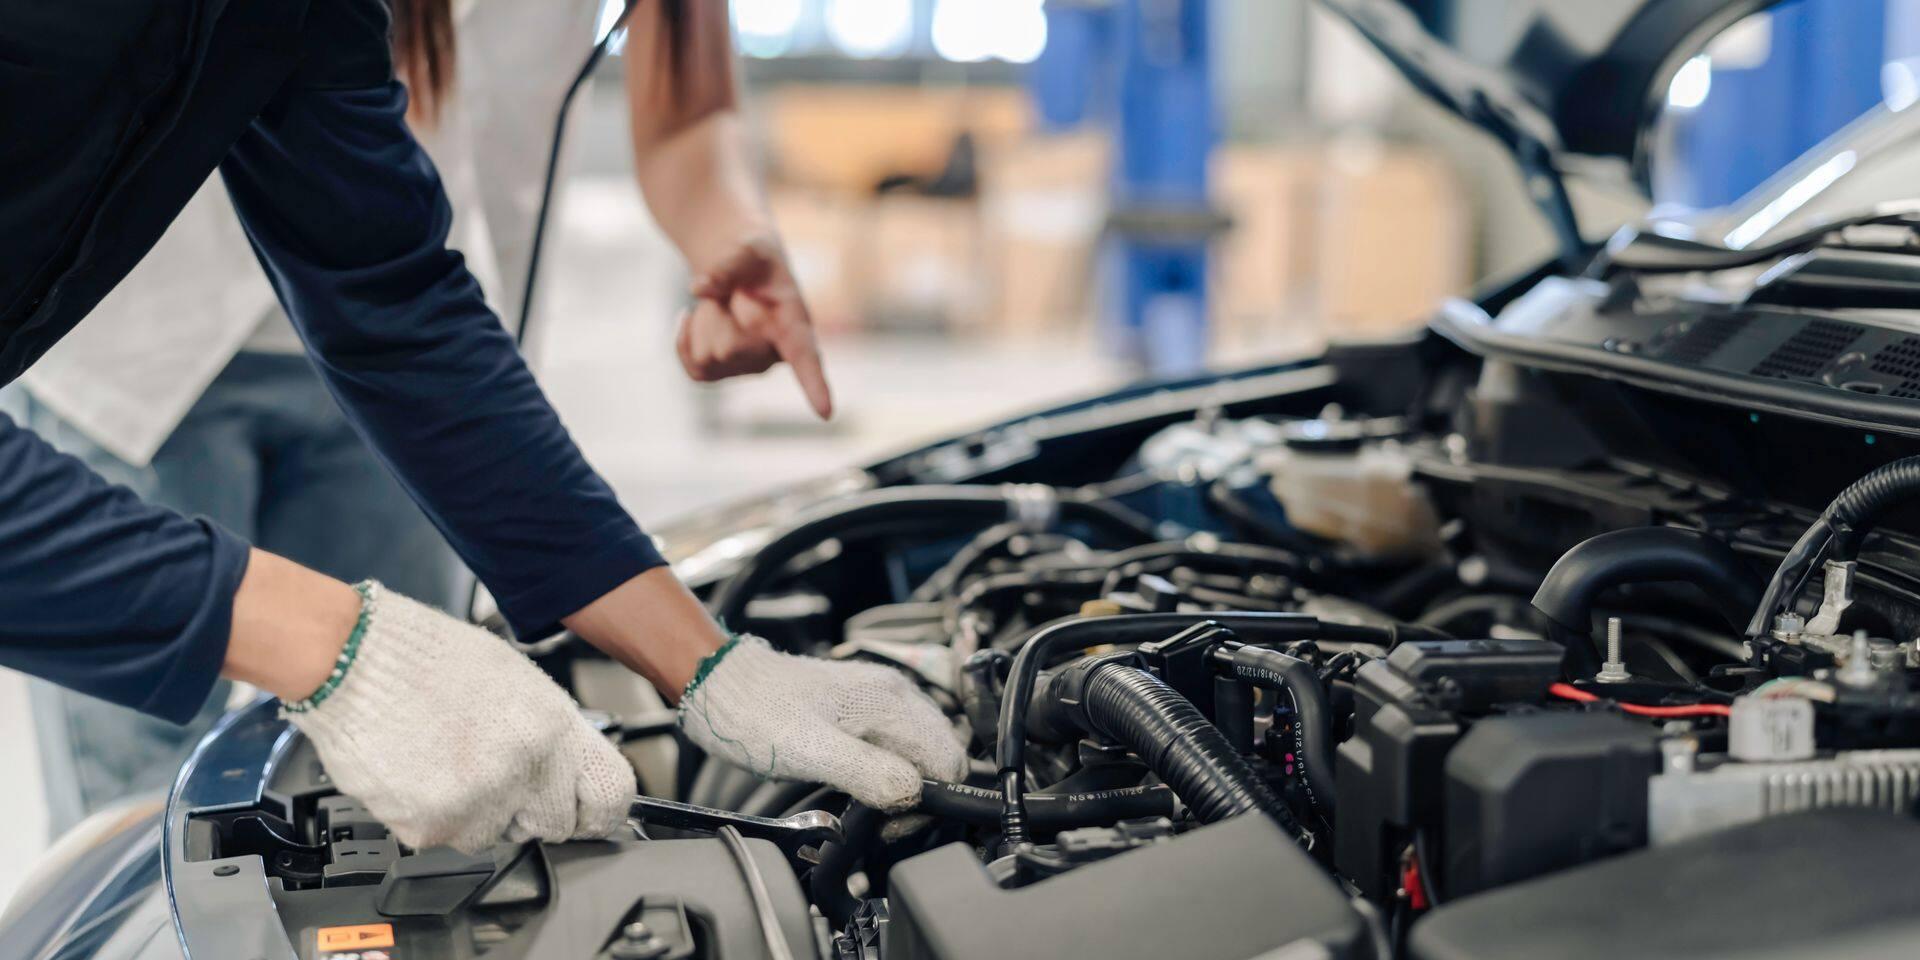 Continuer à se former est essentiel dans le secteur automobile qui fait face à d'importants défis.